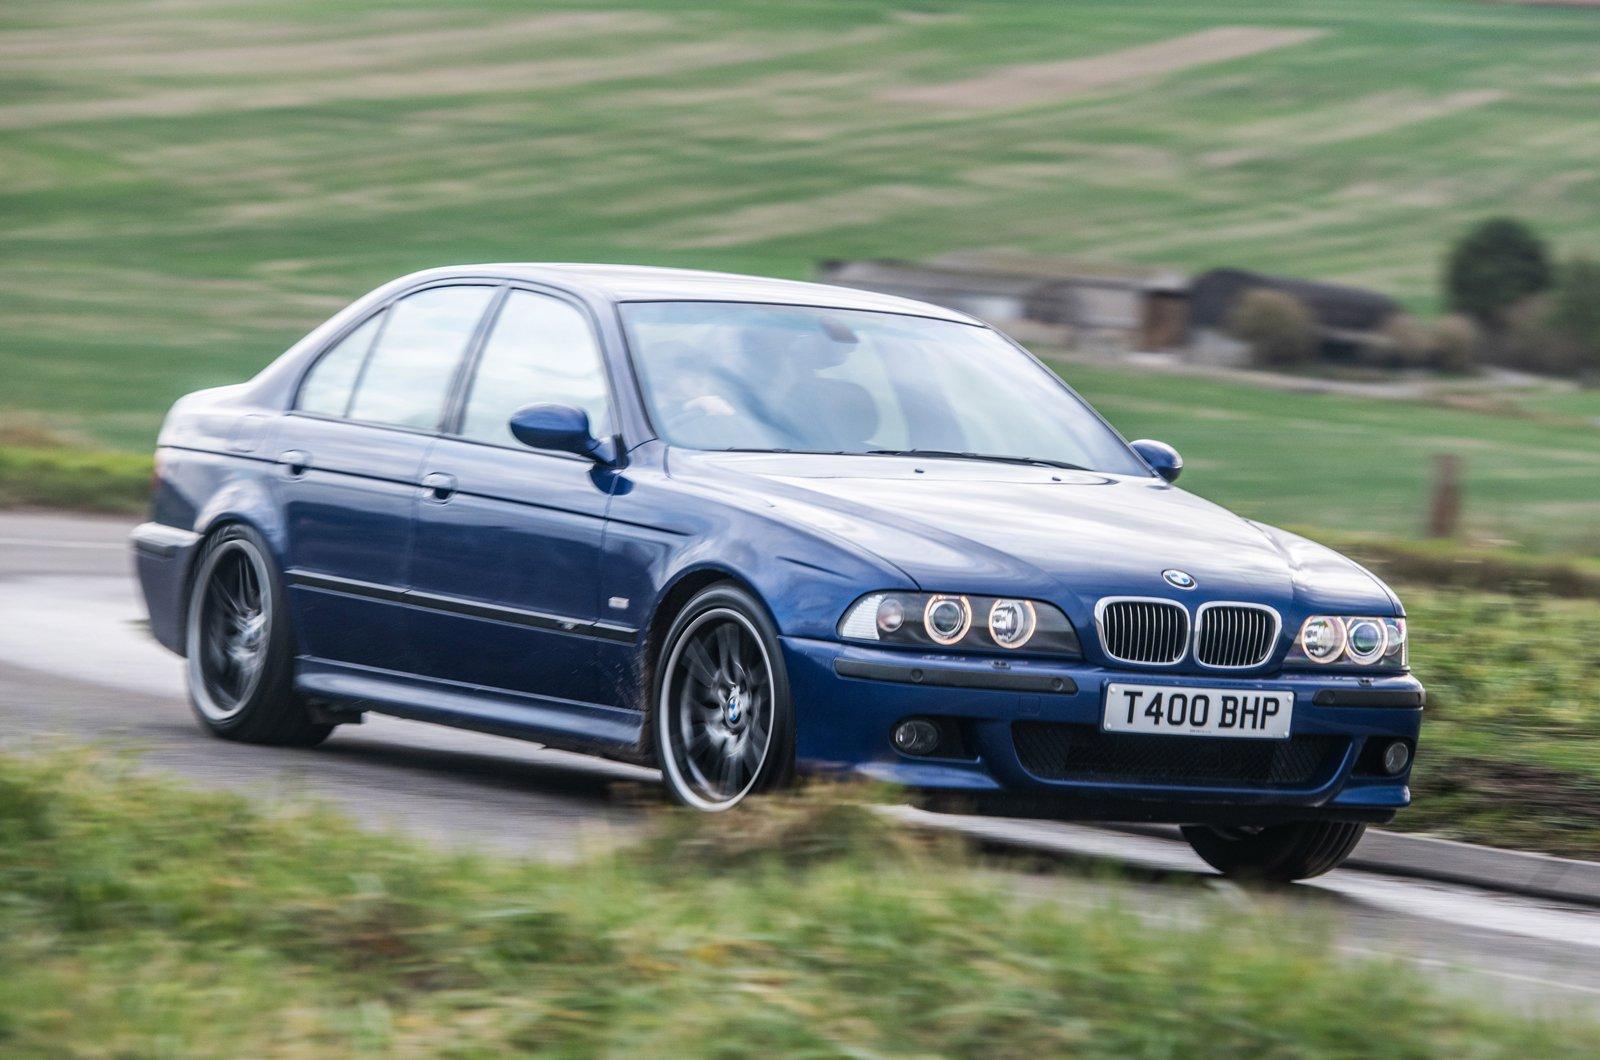 E39 BMW M5 front